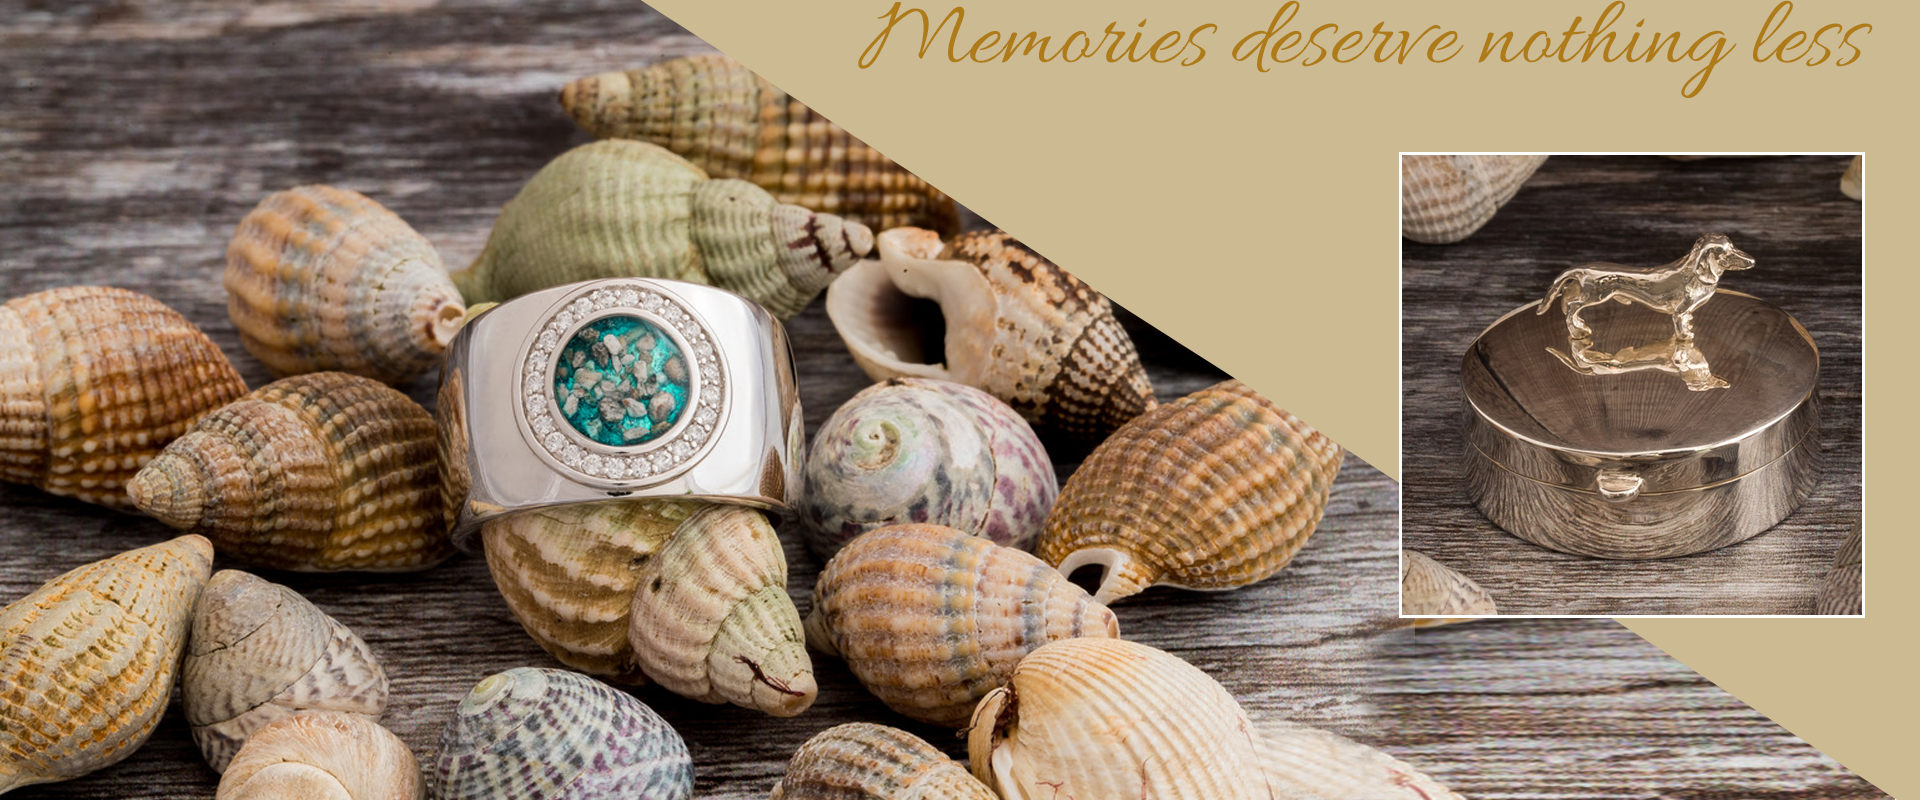 memorial jewellery